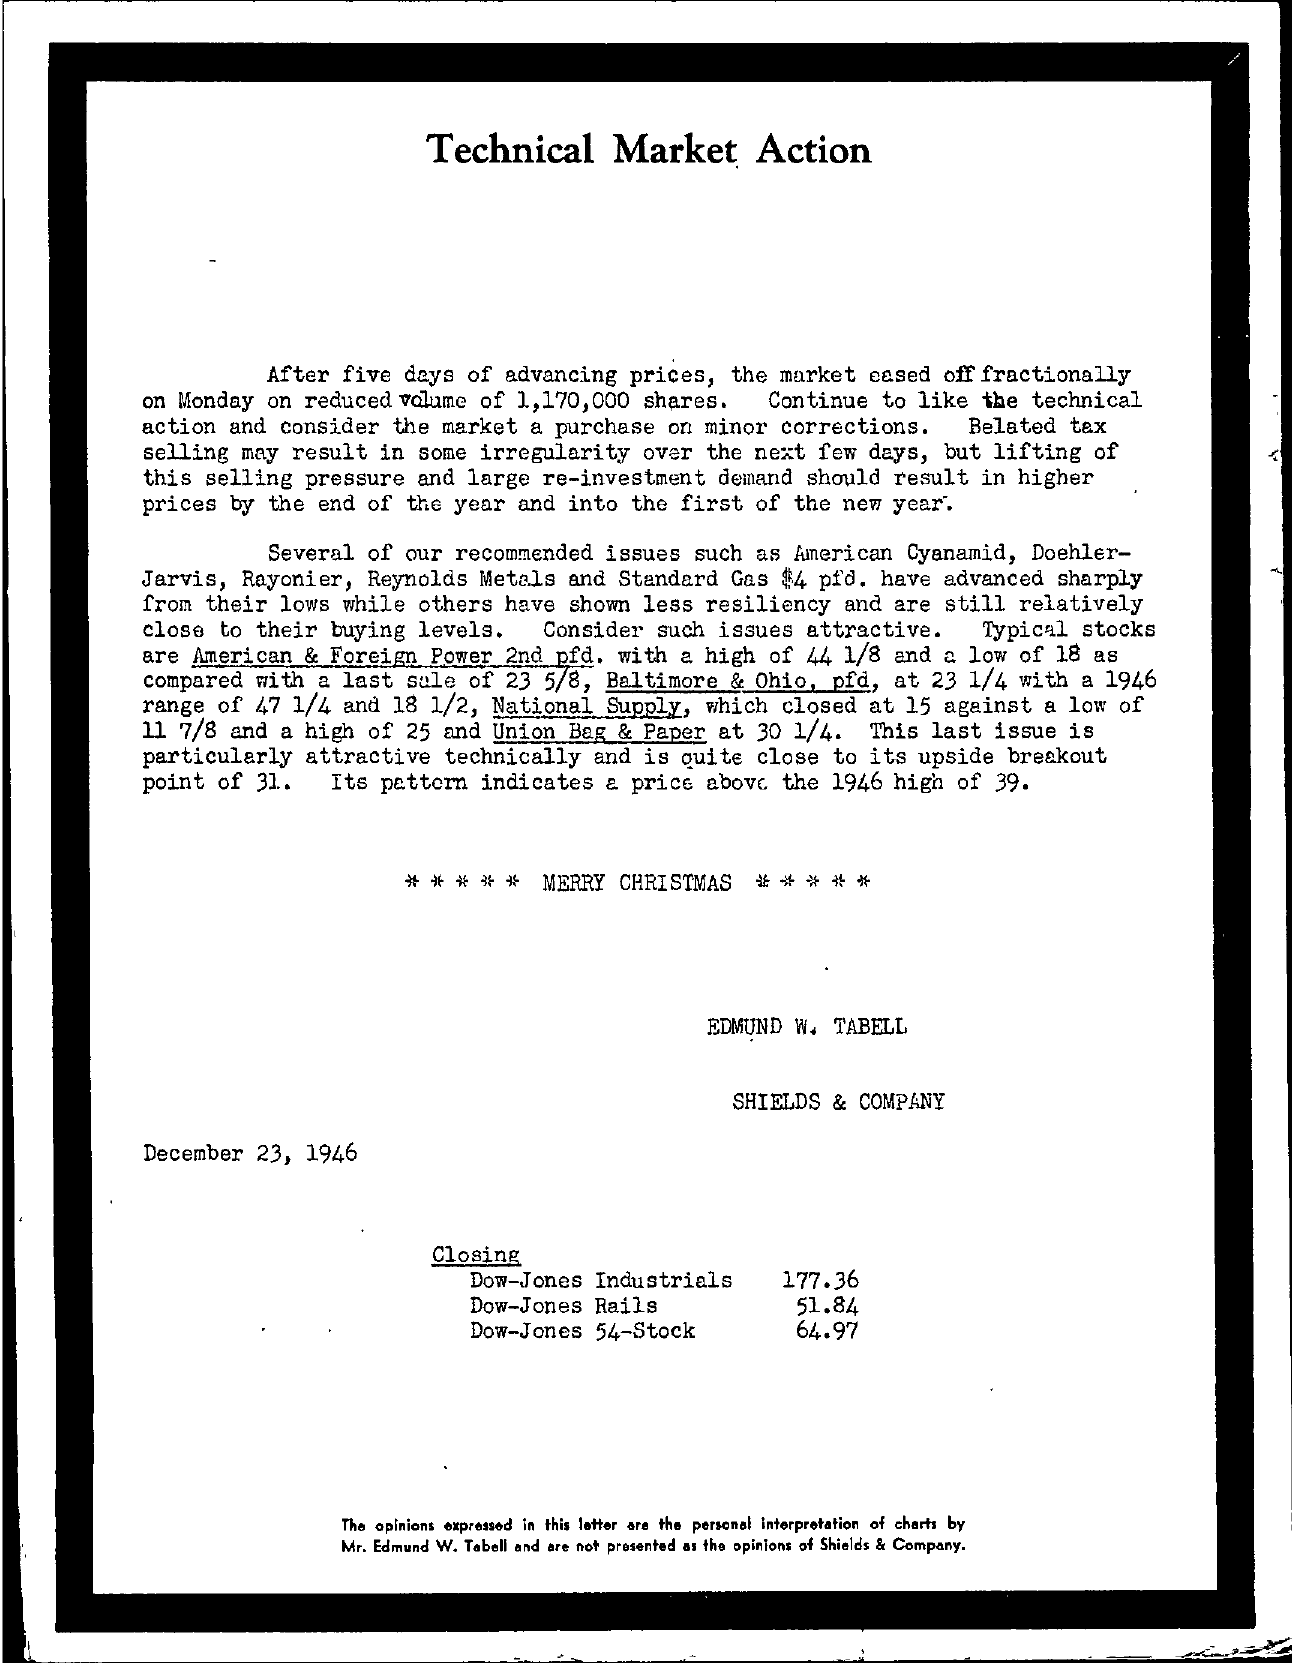 Tabell's Market Letter - December 23, 1946